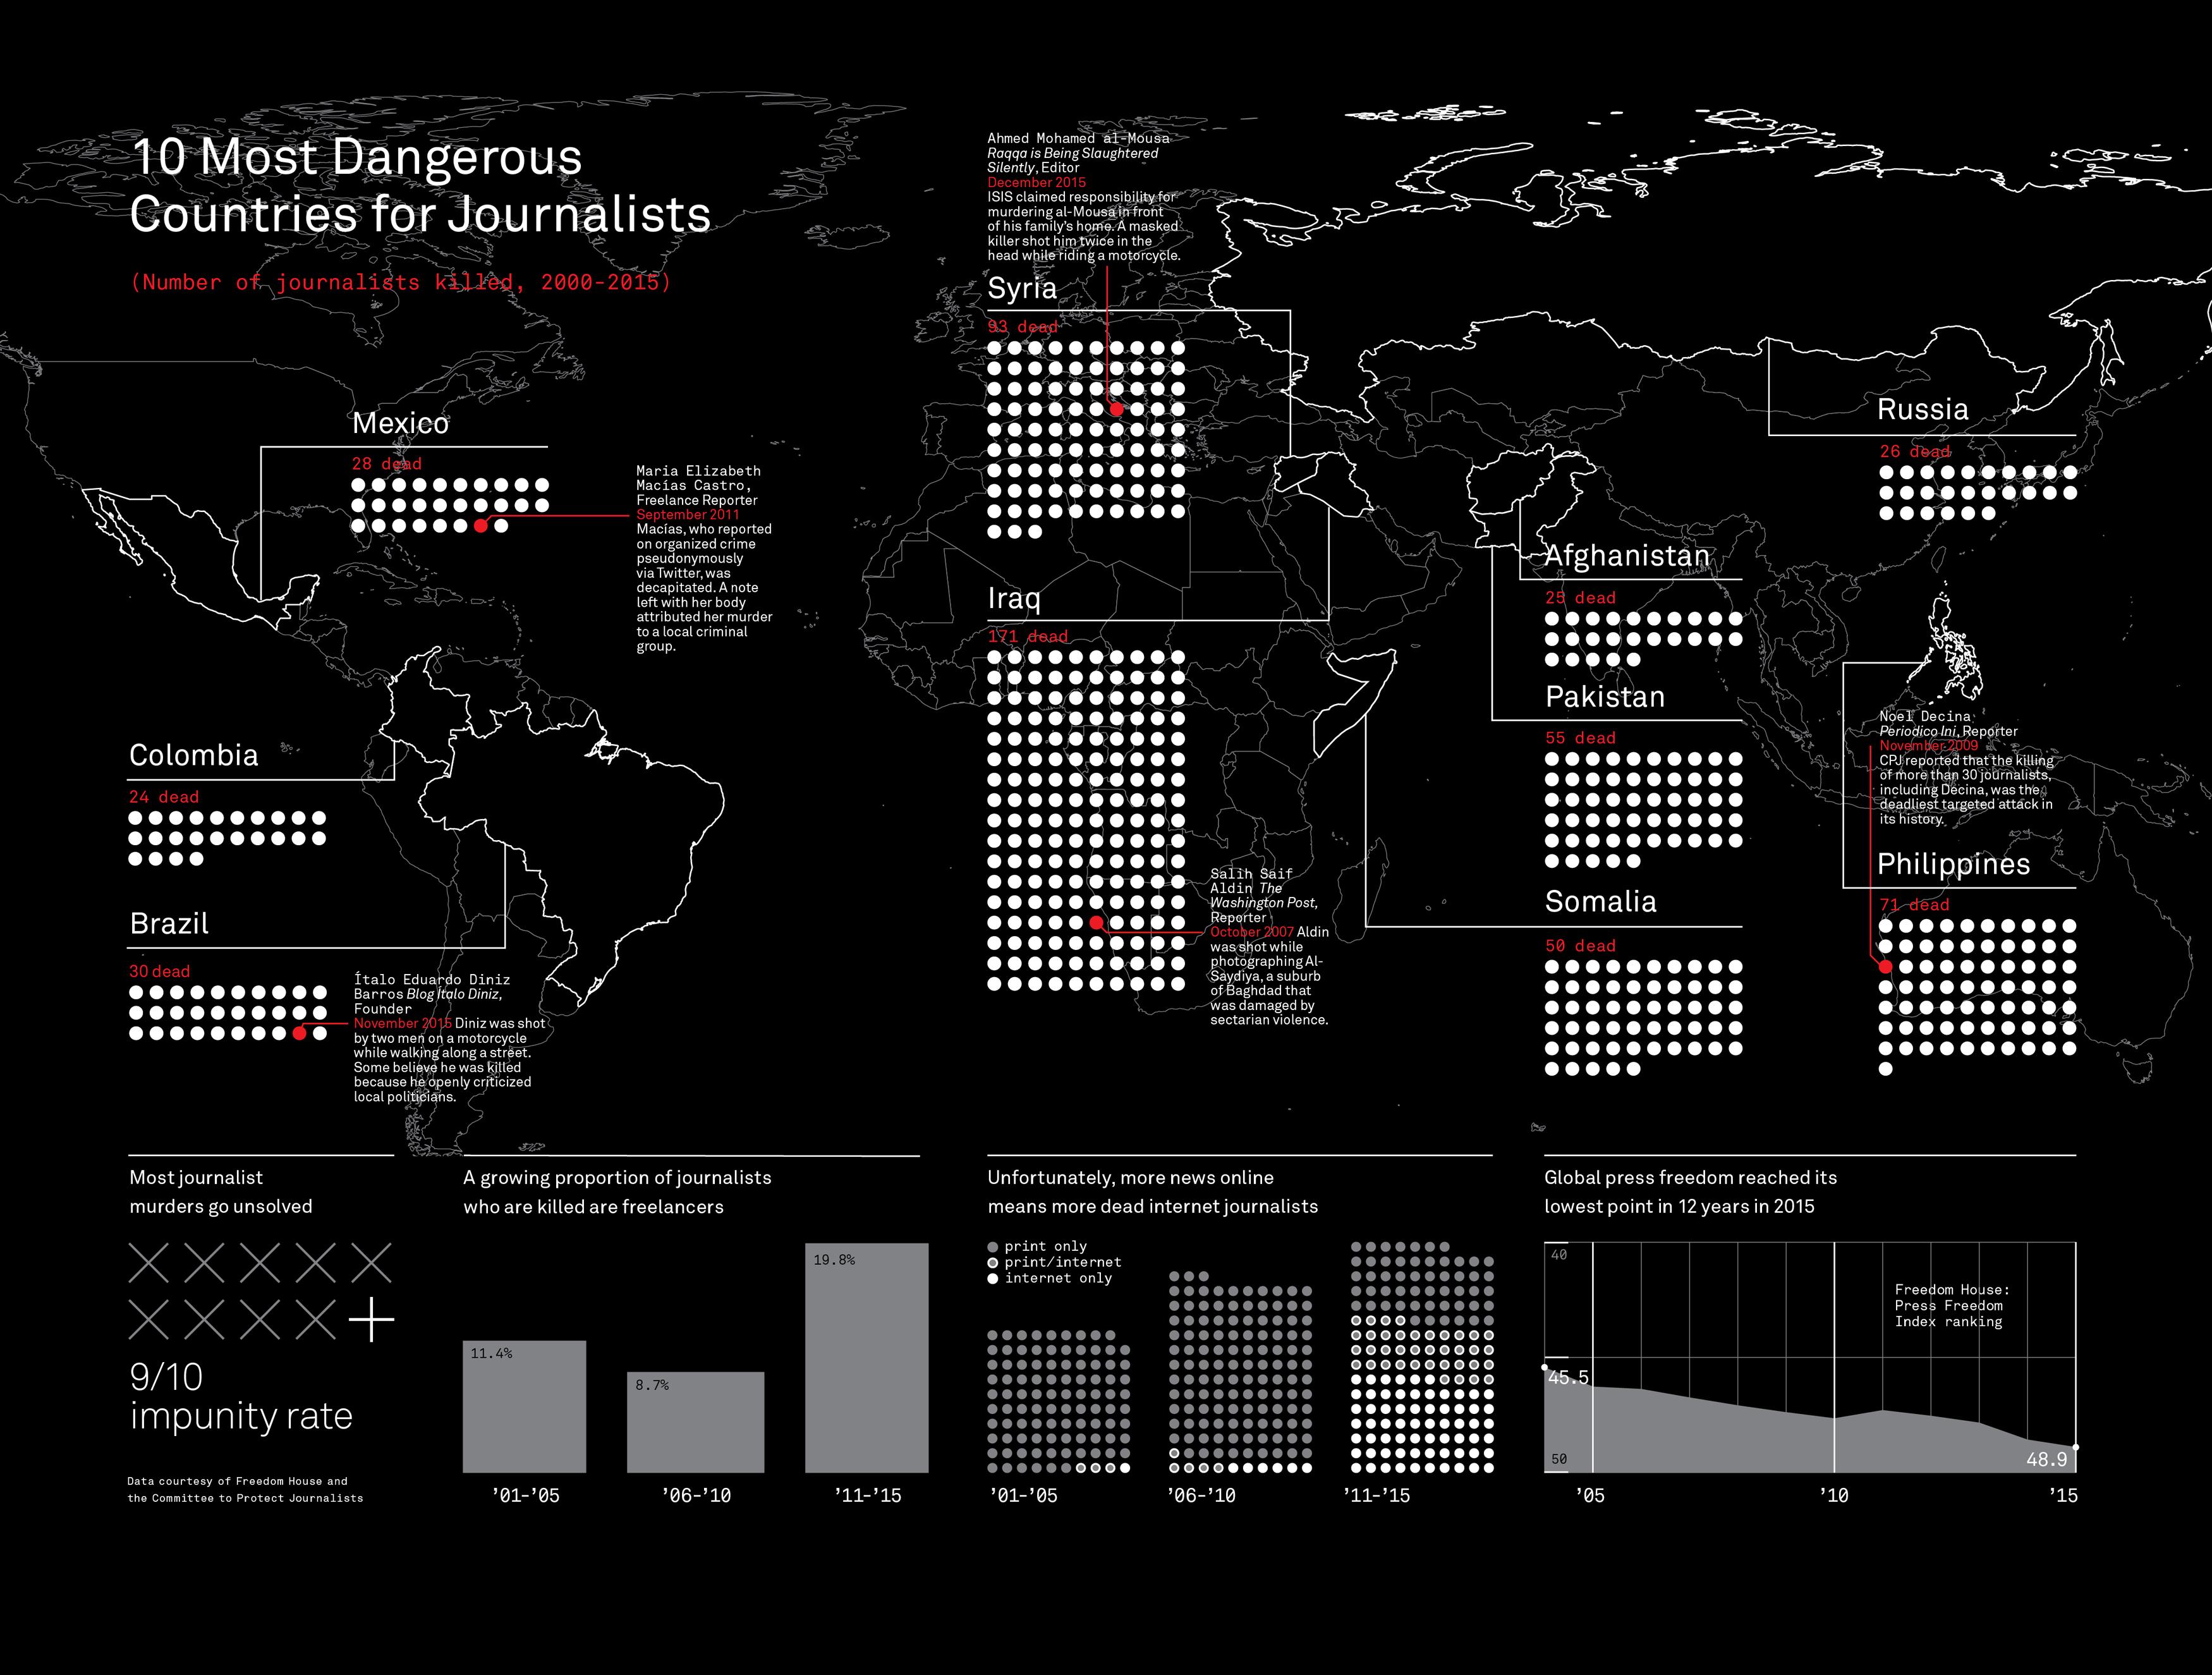 10 meest gevaarlijke landen ter wereld voor journalisten